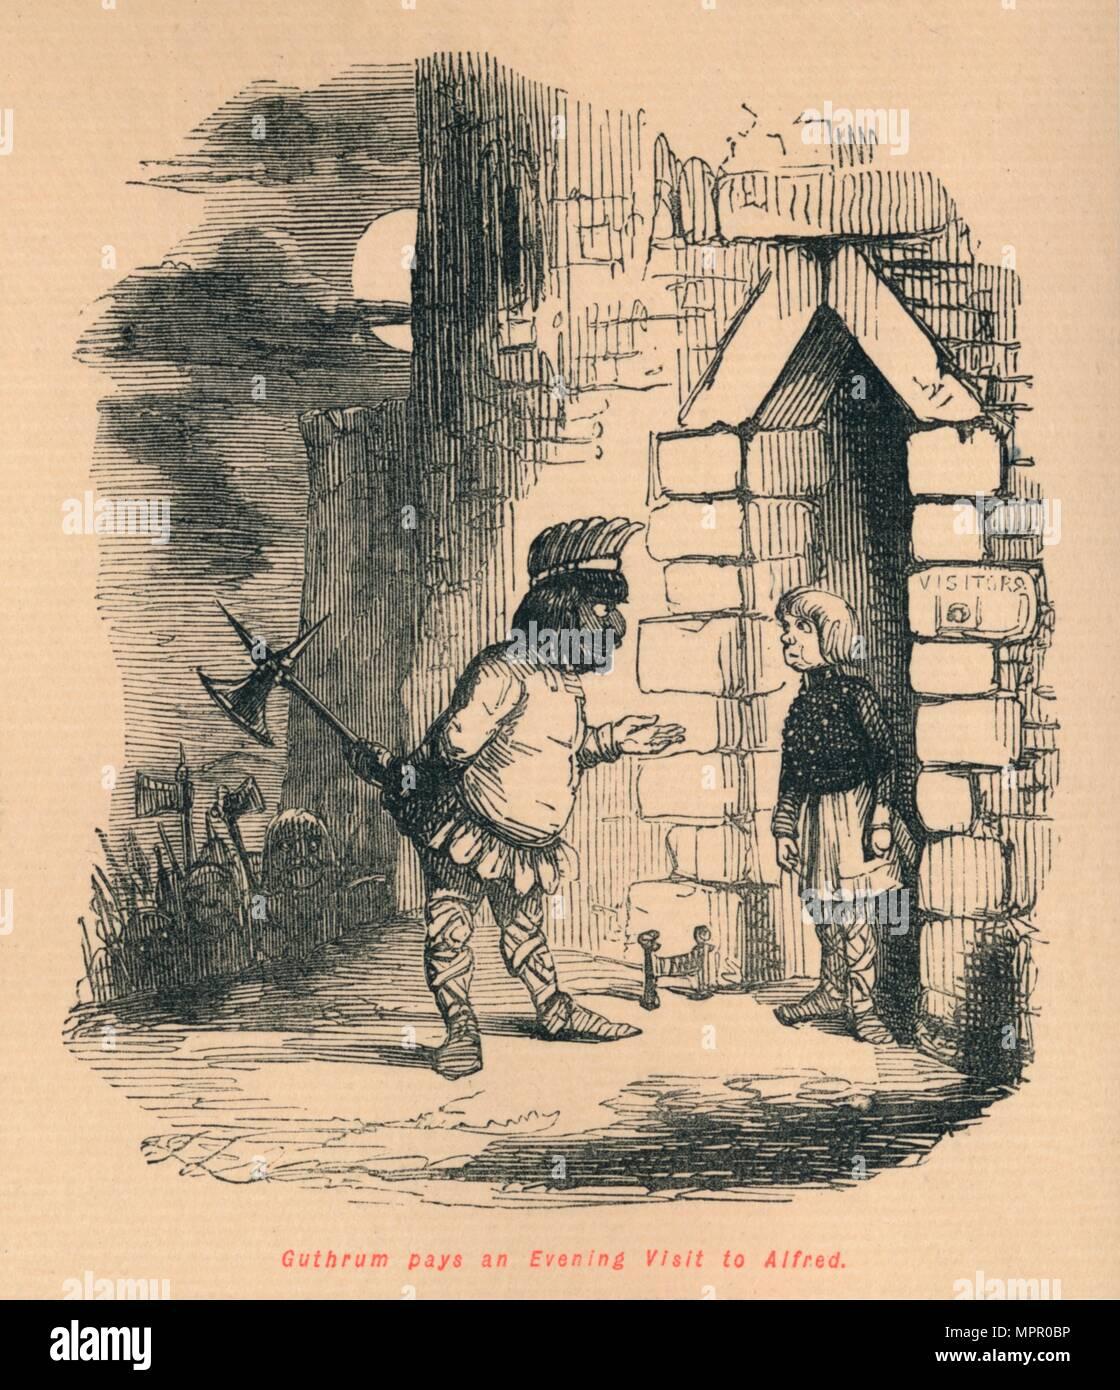 'Guthrum pays an Evening Visit to Alfred', c1860, (c1860).  Artist: John Leech. - Stock Image